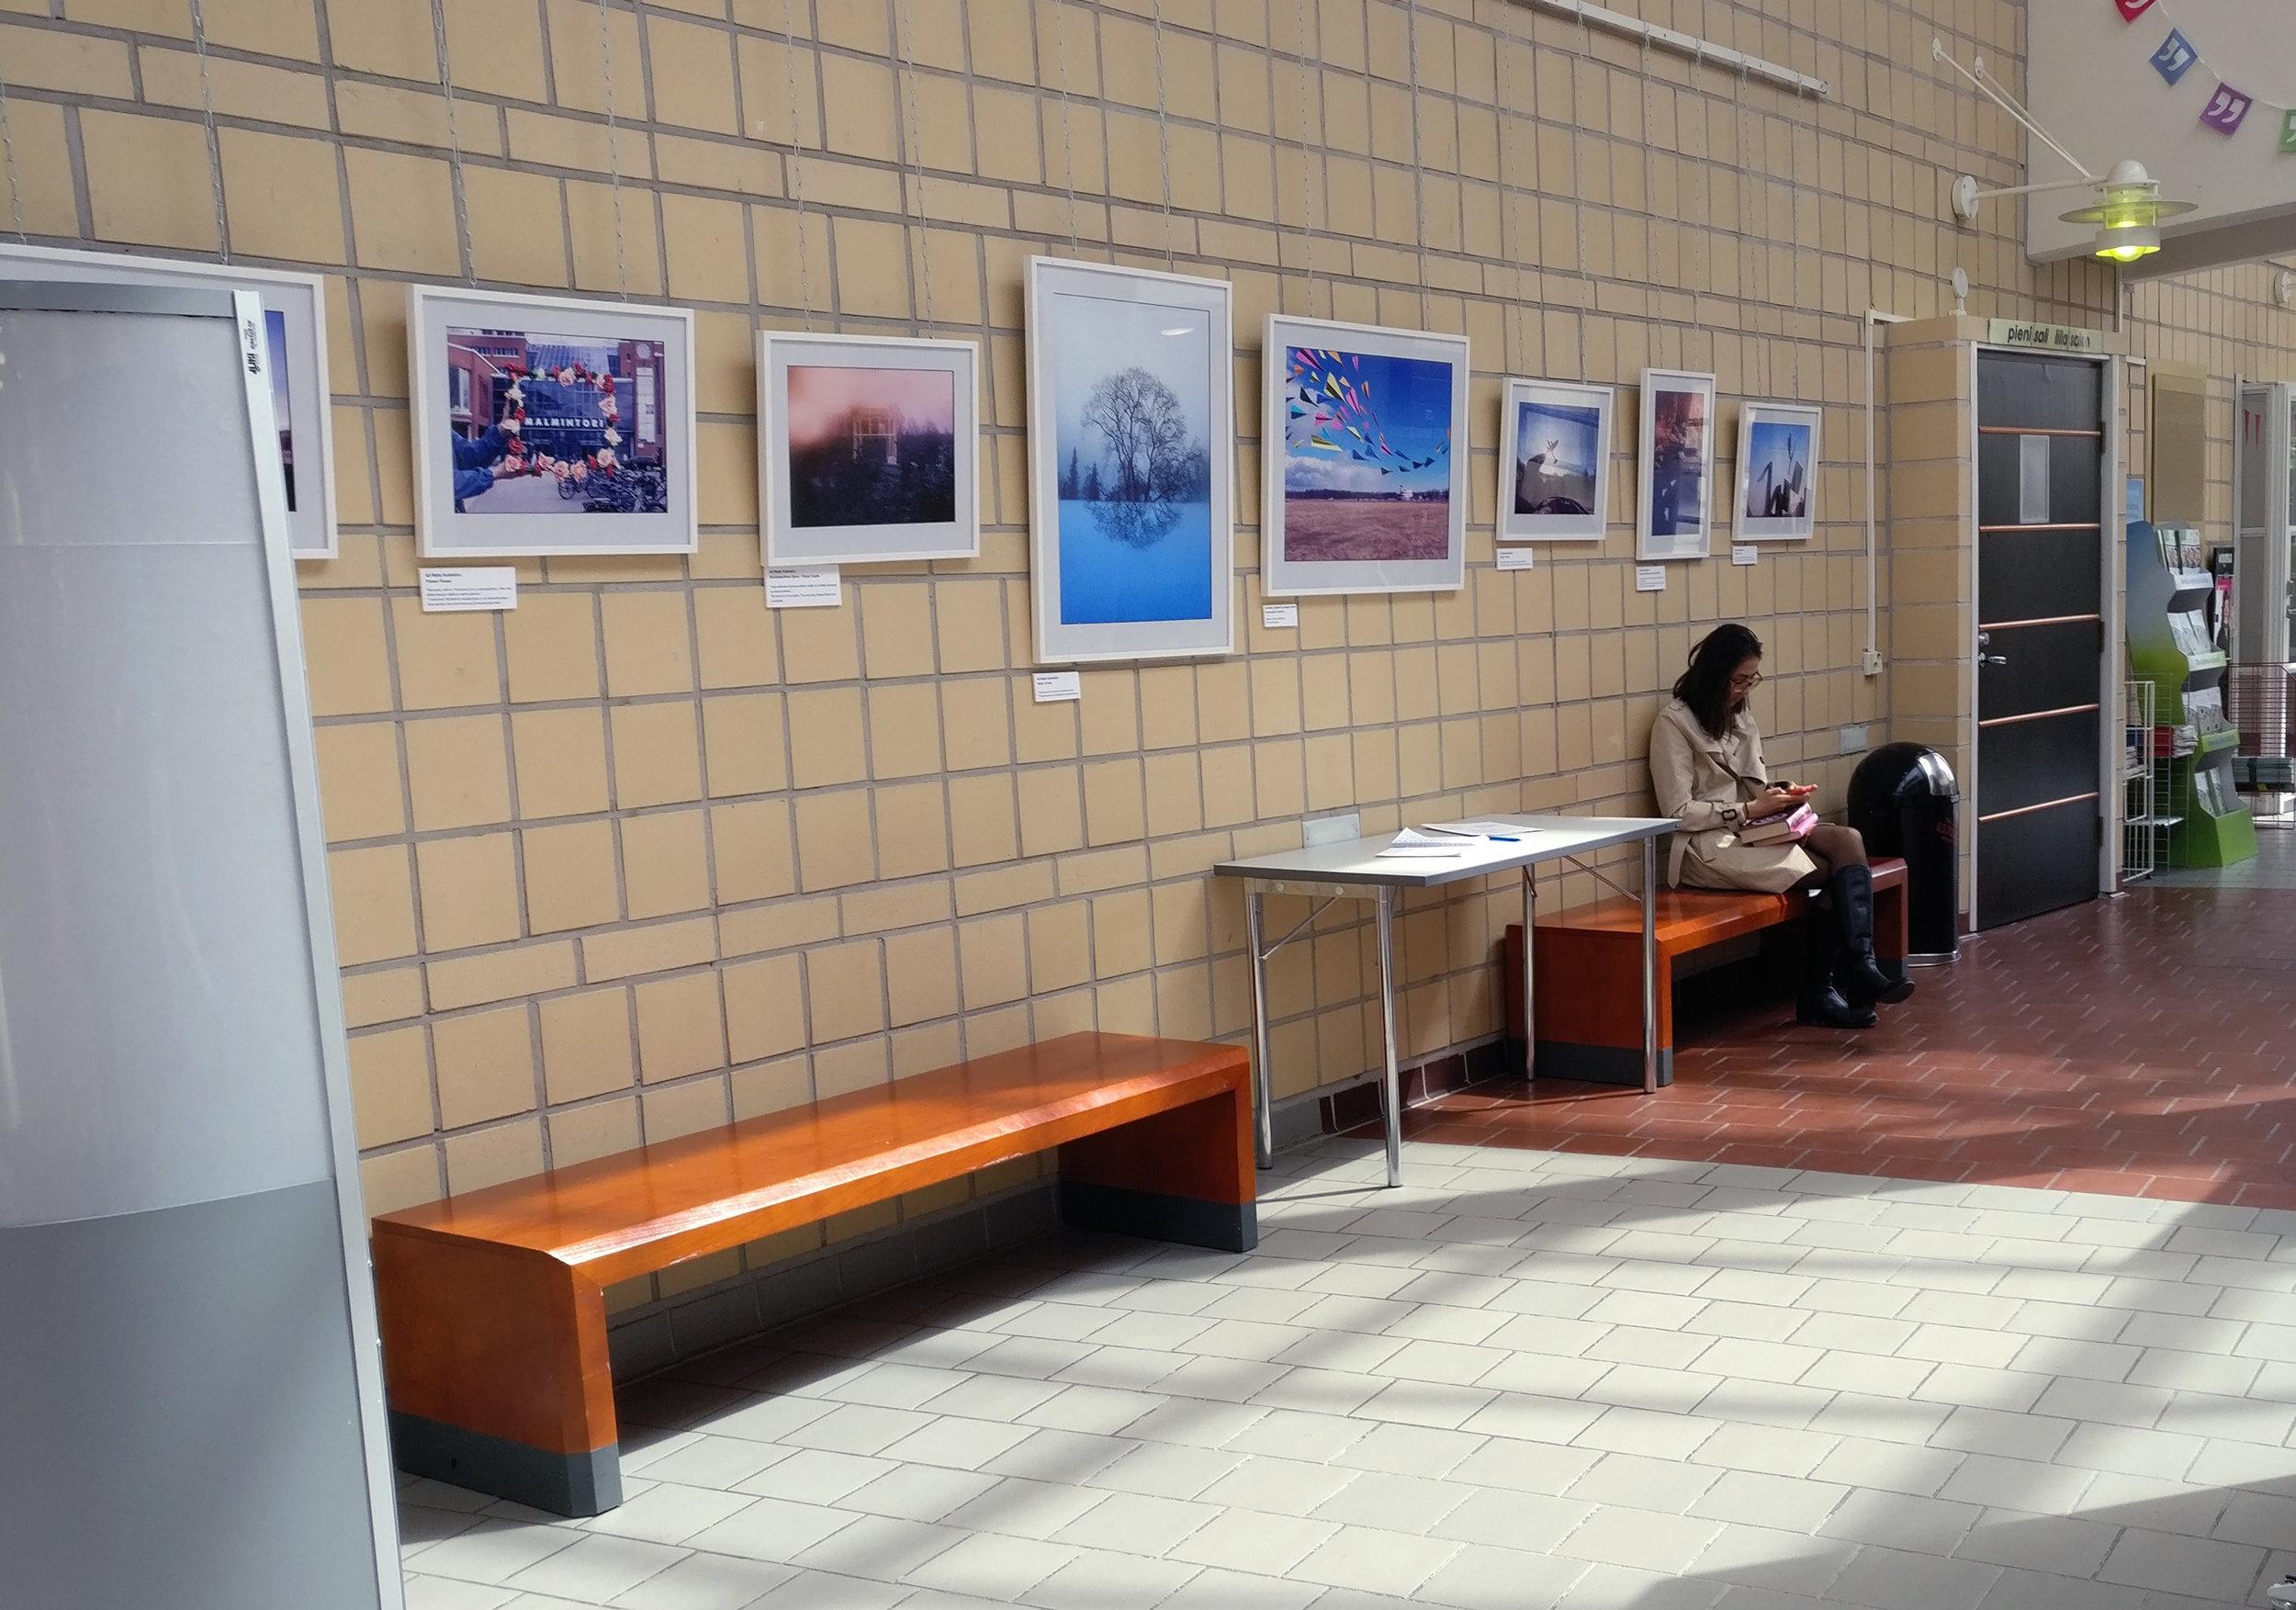 Kevät 2017: Postikorttinäyttelyn kuvista järjestettiin näyttely Malmitalolla (yllä). Näyttelyn yhteydessä mainostettiin hankkeen tulevaa toimintaa kutsuen ihmisiä mukaan työpajoihin ja tapahtumiin. Vieraskirja täyttyi mielenkiintoisista viesteistä (alla).